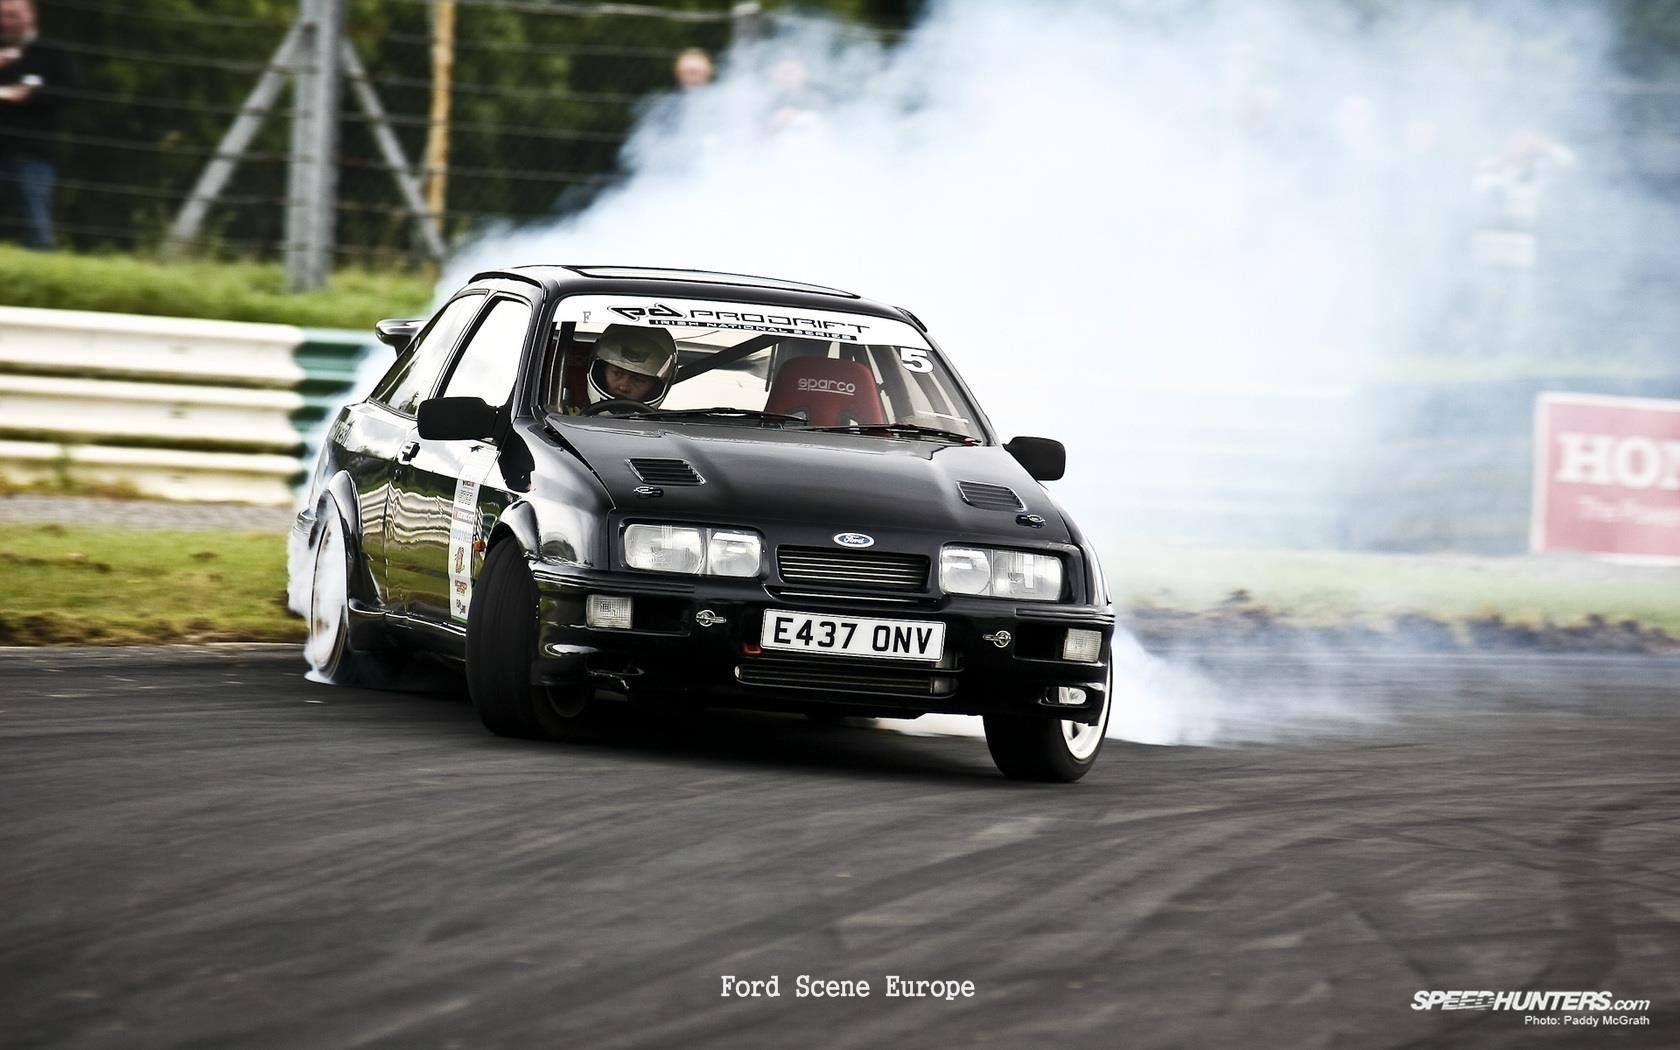 #Ford #Sierra #Cosworth Black edition #Drift style #FordFocusSTClub